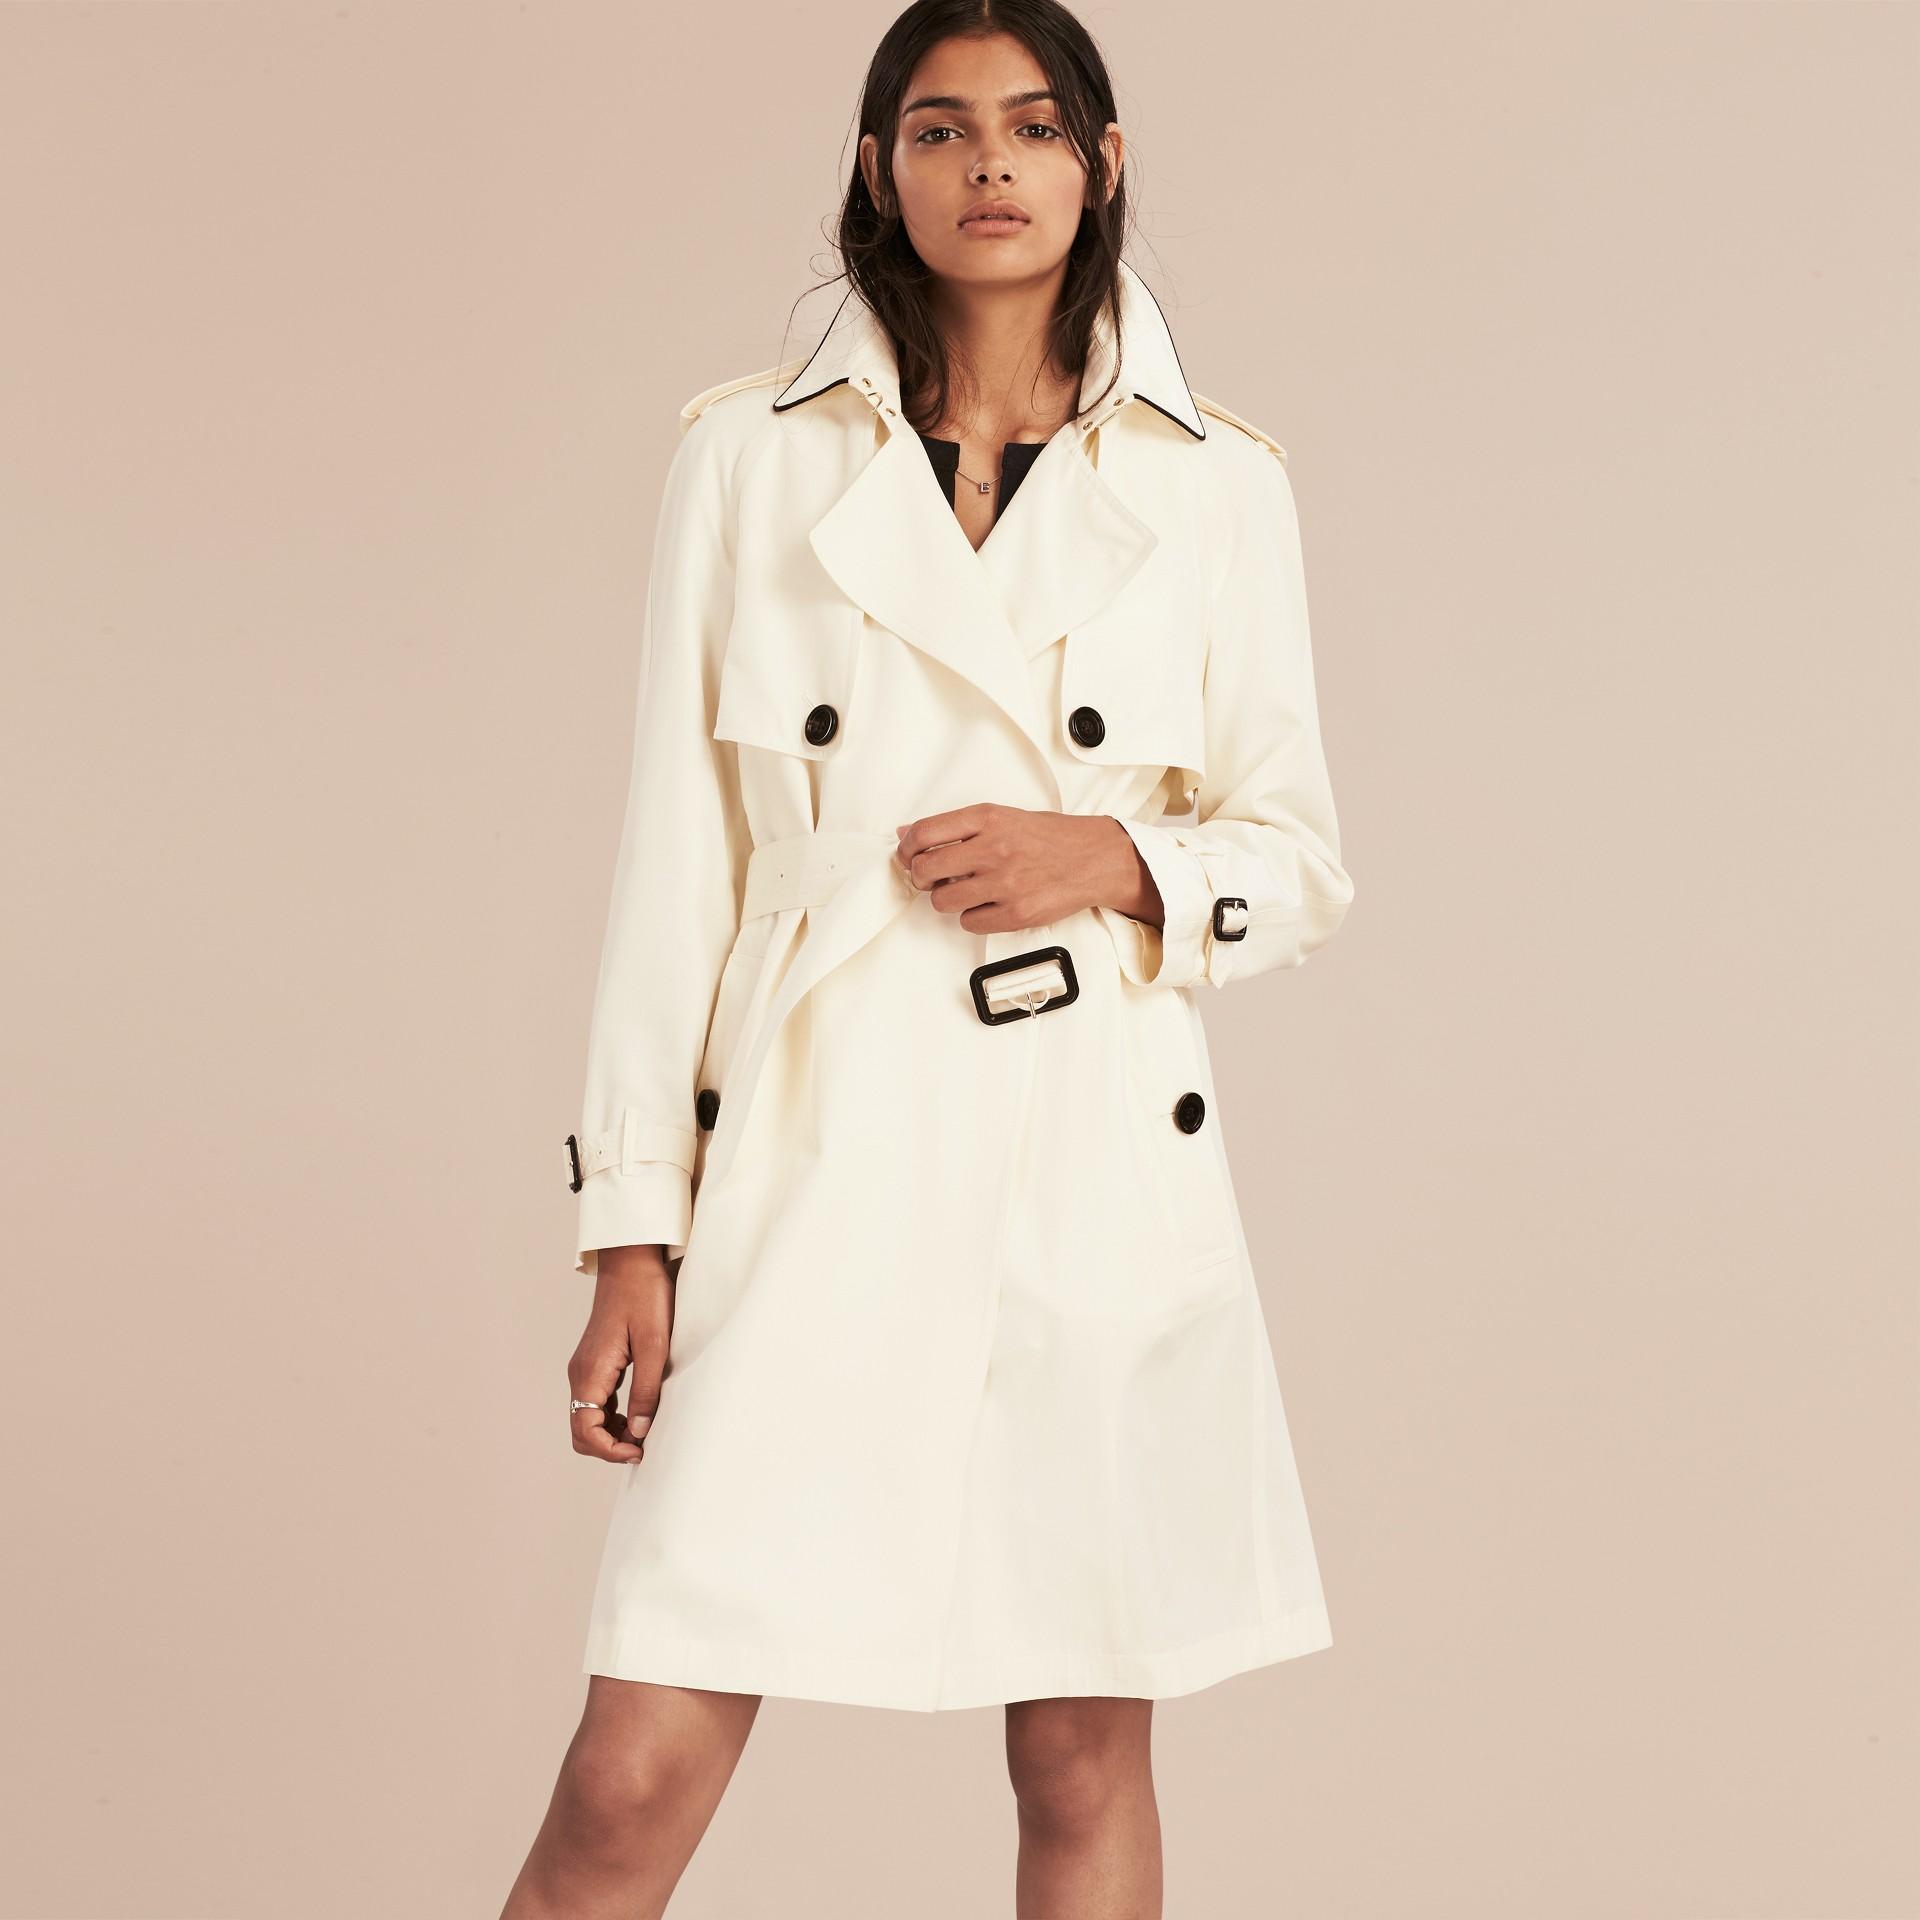 Parchemin Trench-coat en soie avec détails oversize Parchemin - photo de la galerie 6